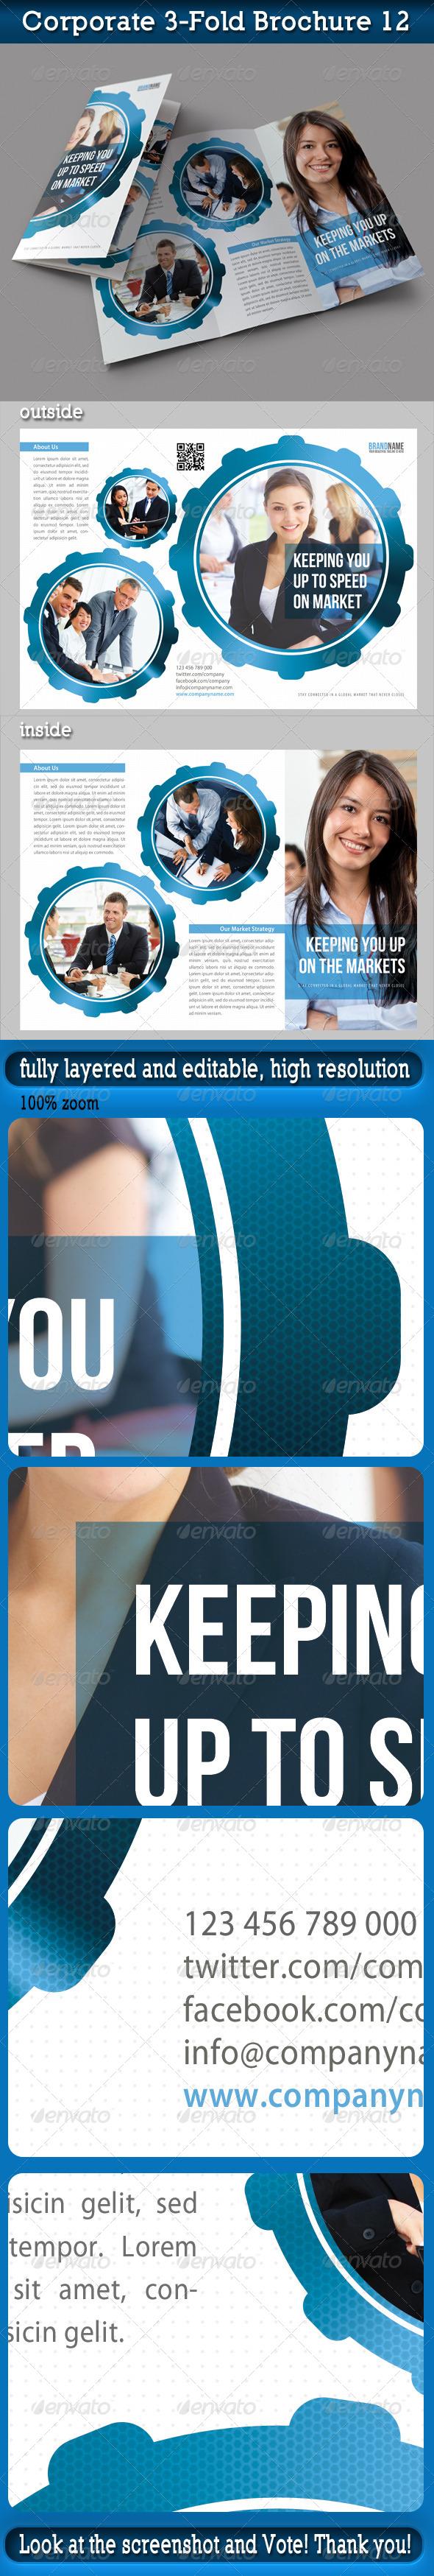 Corporate 3-Fold Brochure 12 - Corporate Brochures